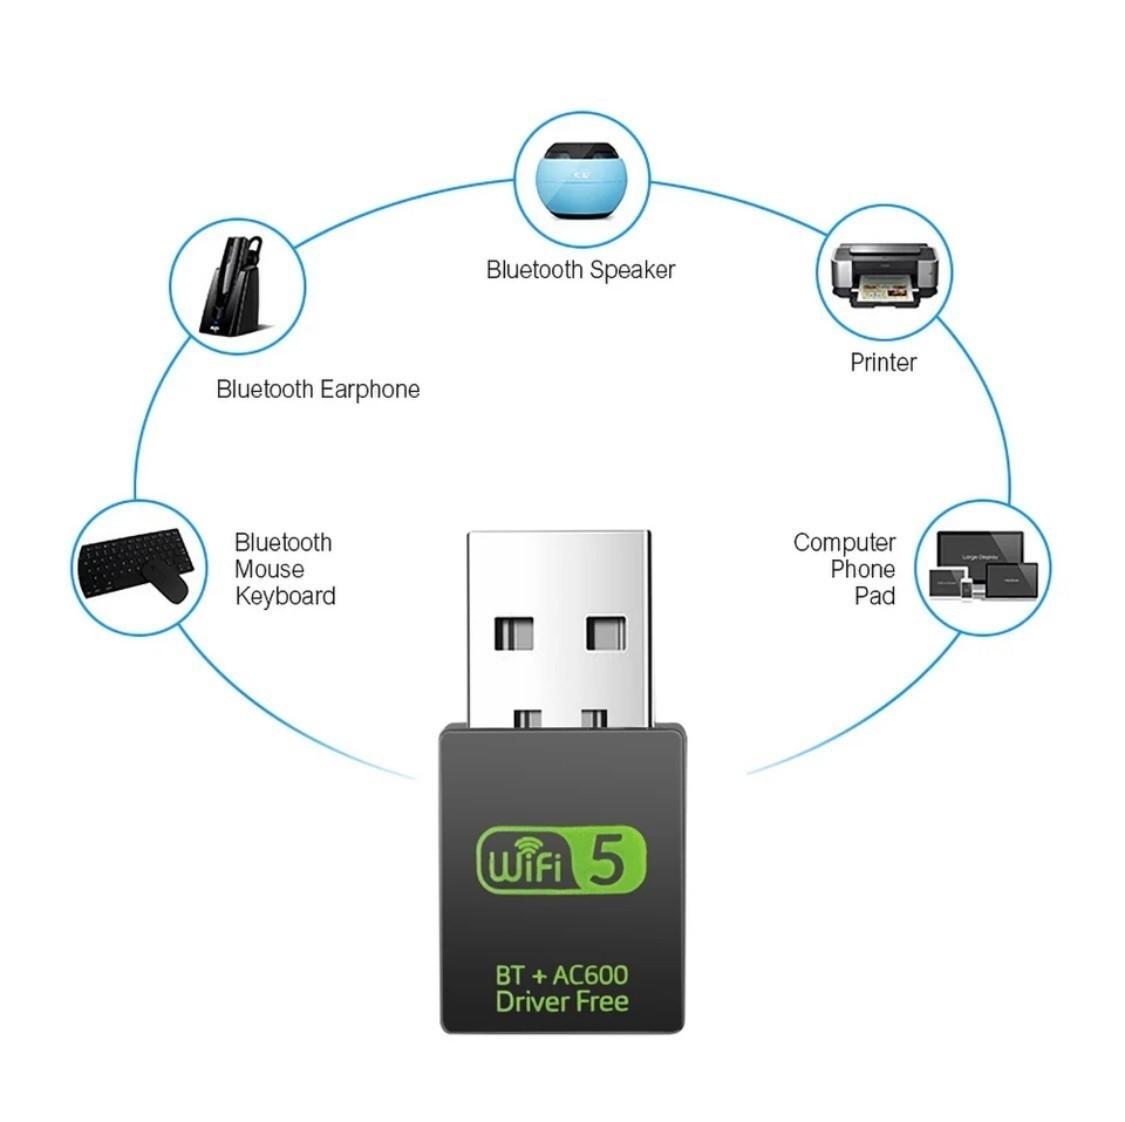 無線LAN Wifi&Bluetooth USBアダプタ 802.11ac対応